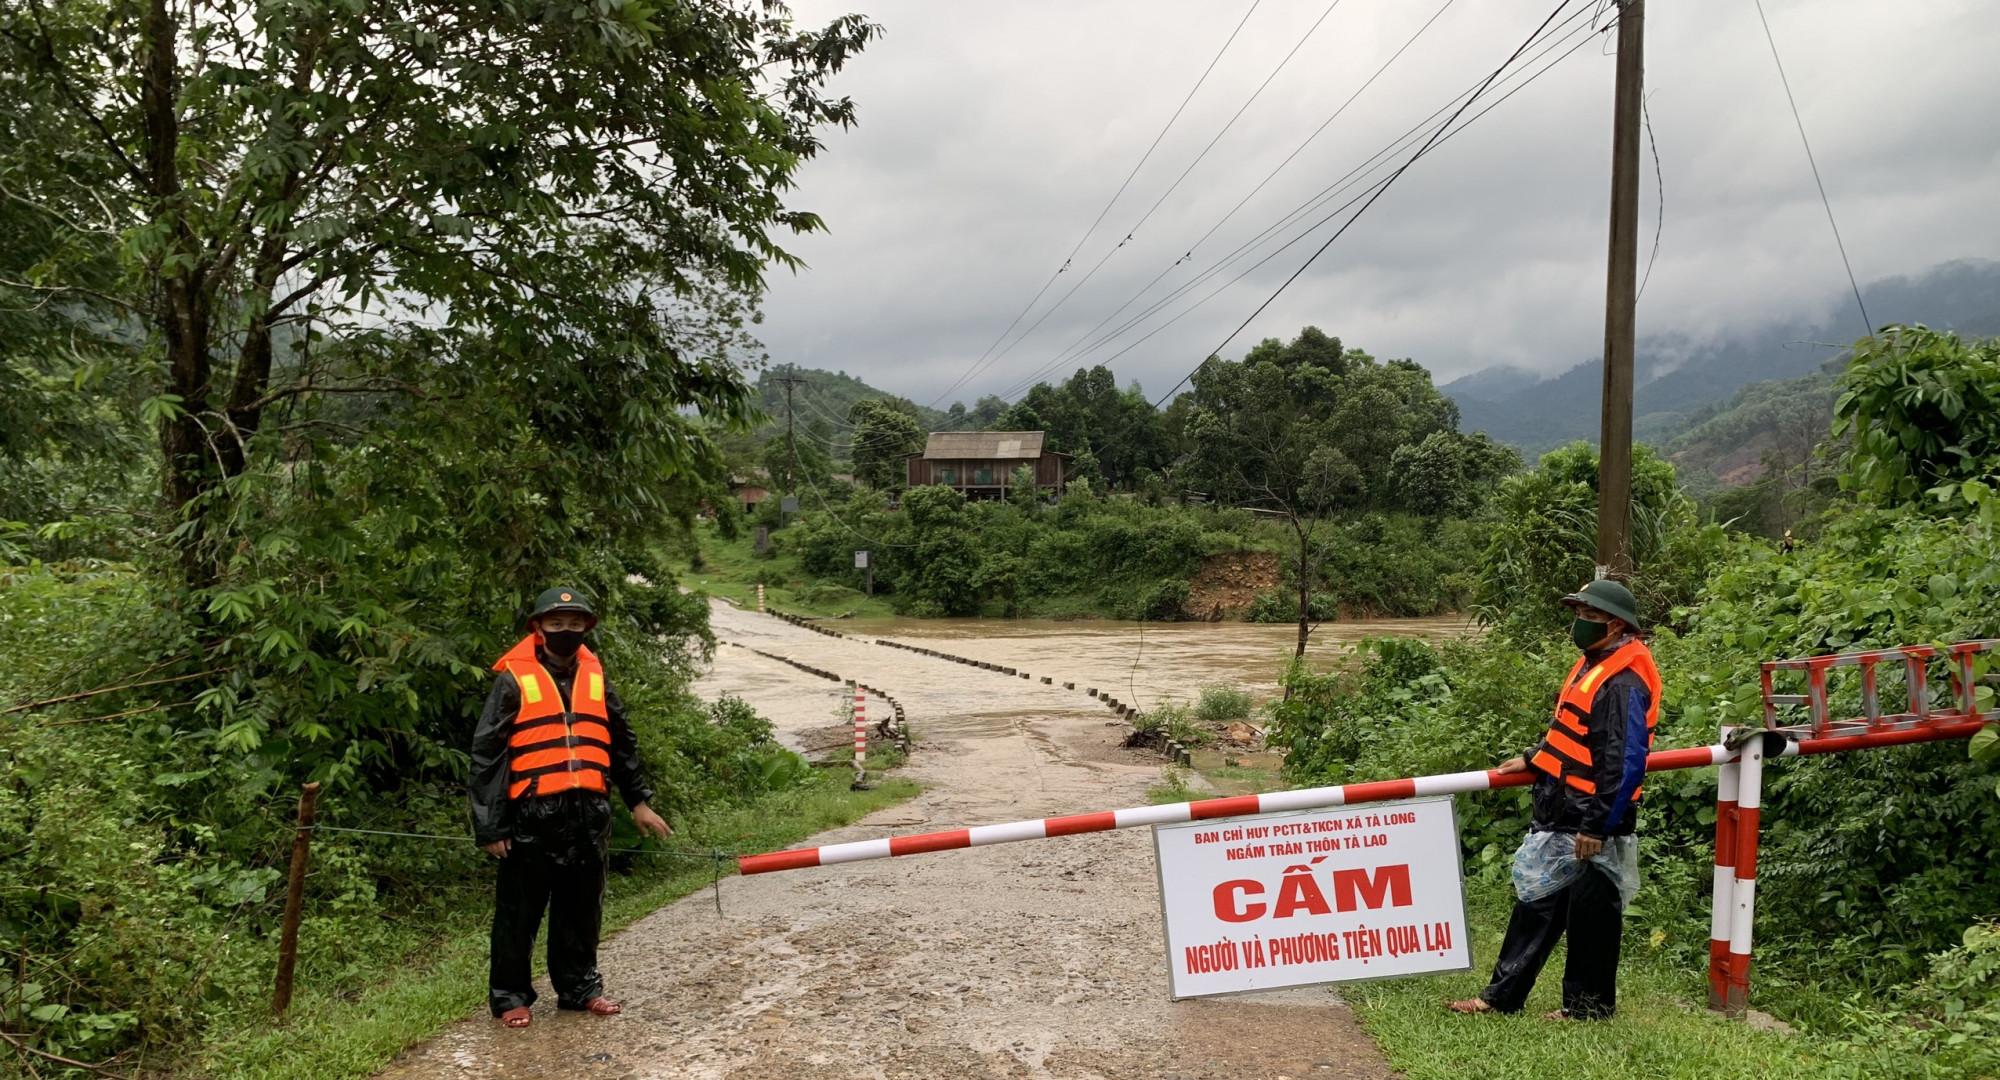 Ngầm tràn qua thôn Tà Lao xã Tà Long đã được gắn biển cấm